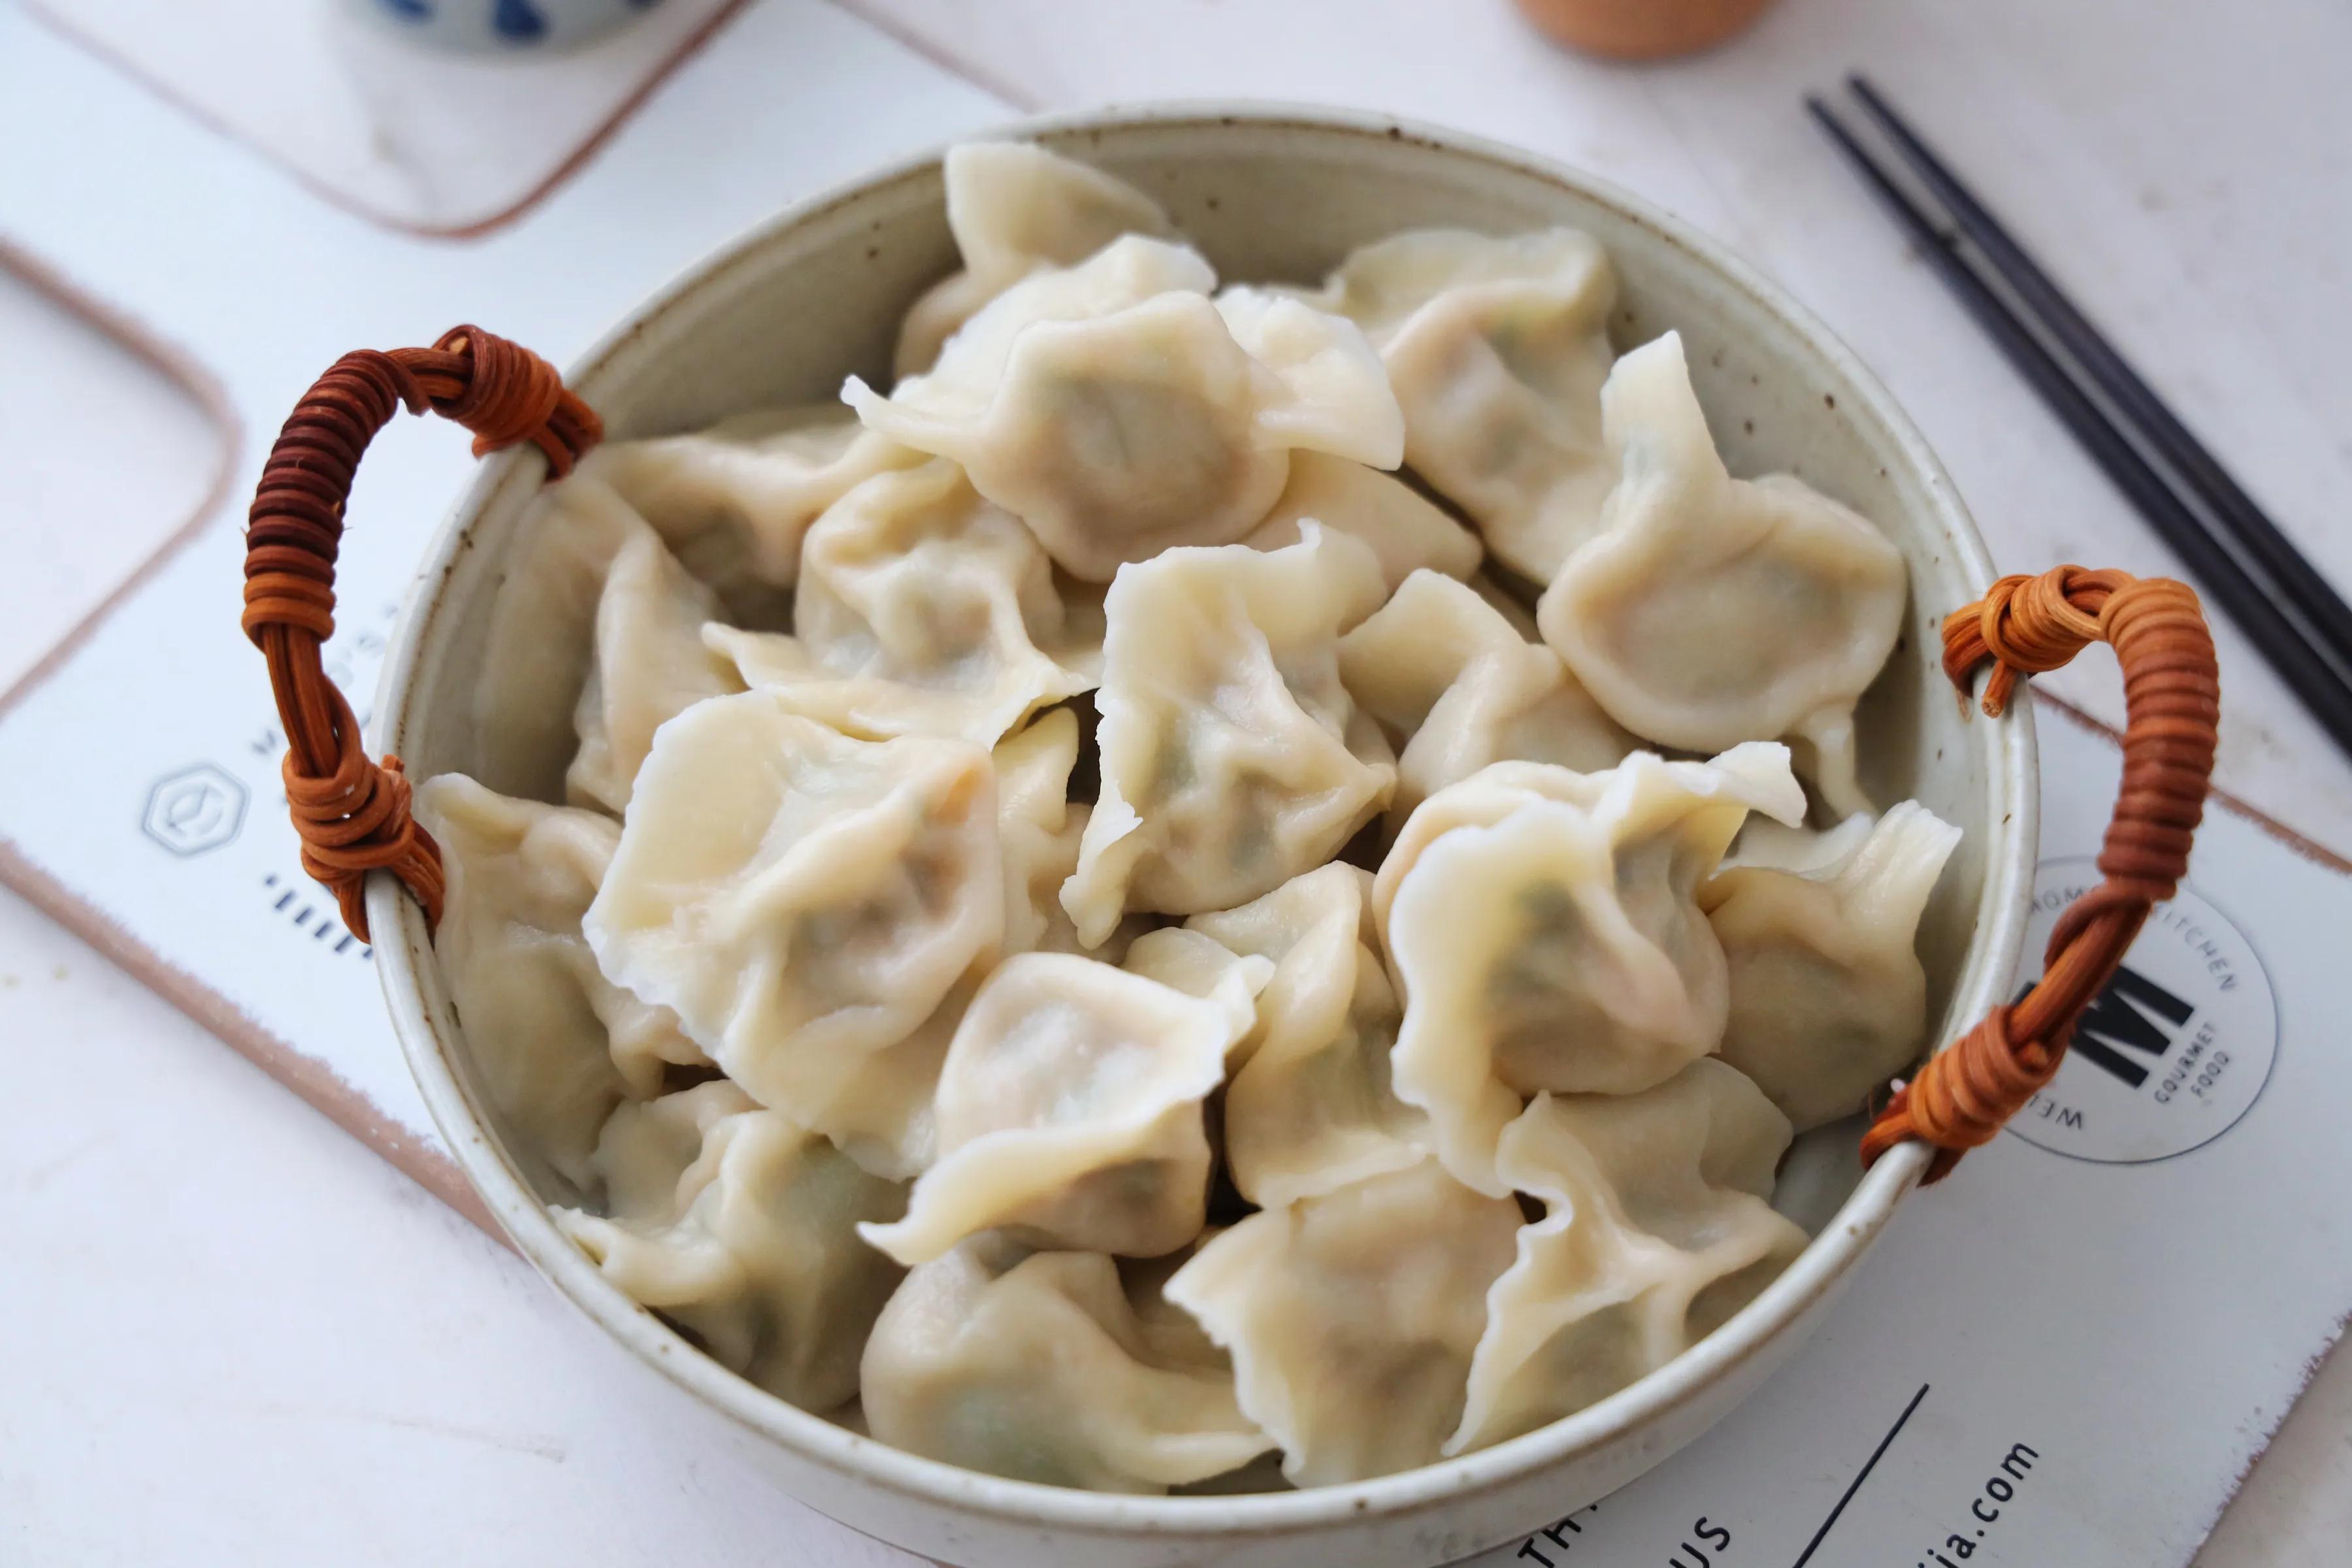 初伏了,这馅儿的饺子一定要吃,清香美味,太适合夏天吃了